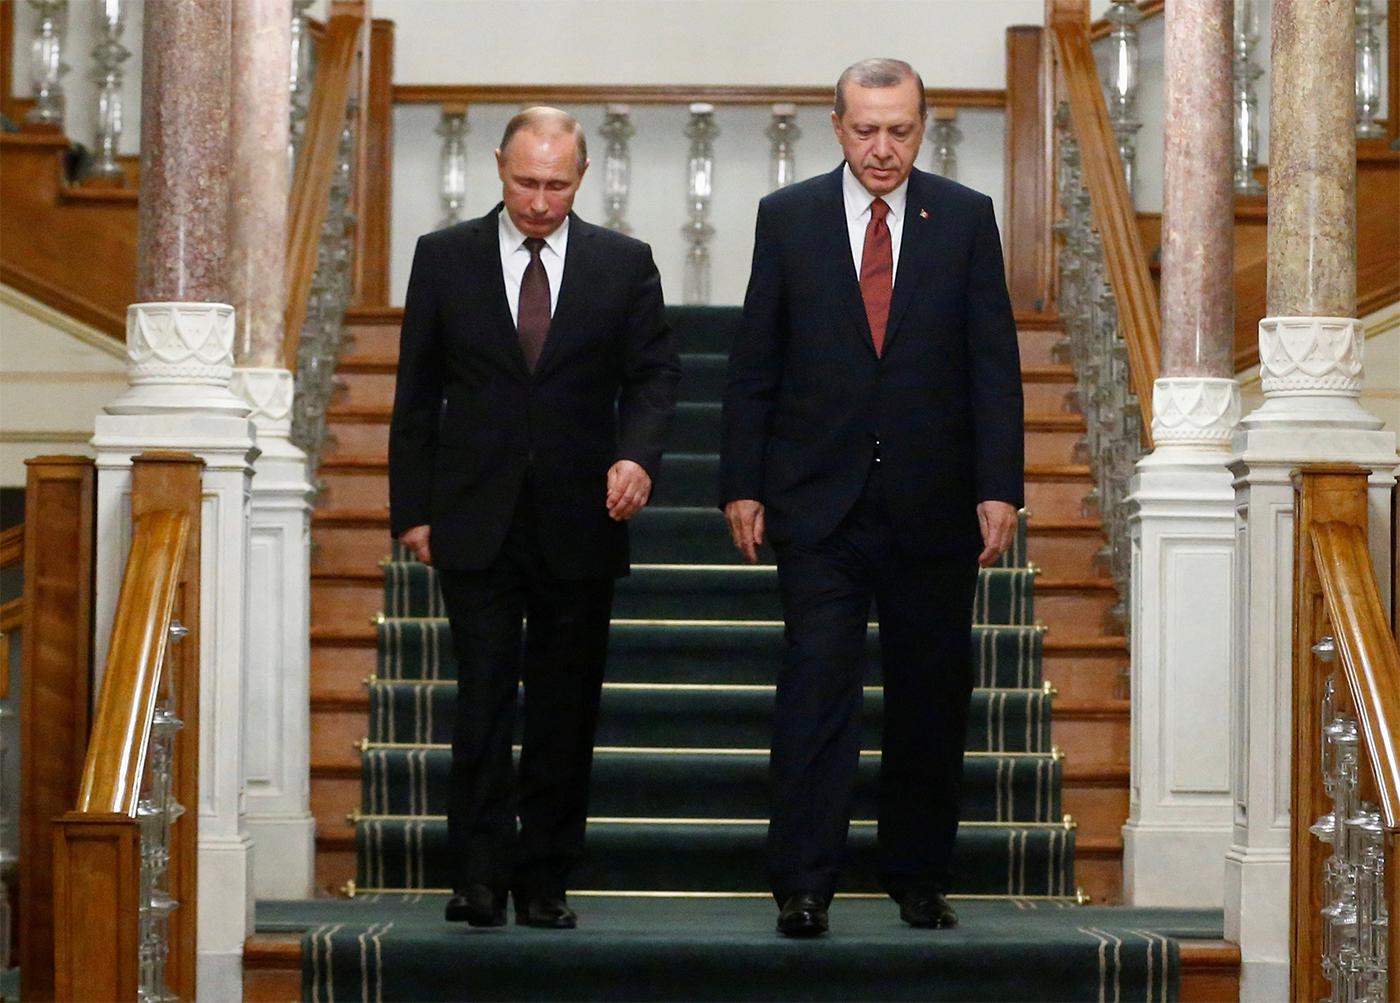 Первая турецкая АЭС и«Турецкий поток» станут темами переговоров В. Путина  ...